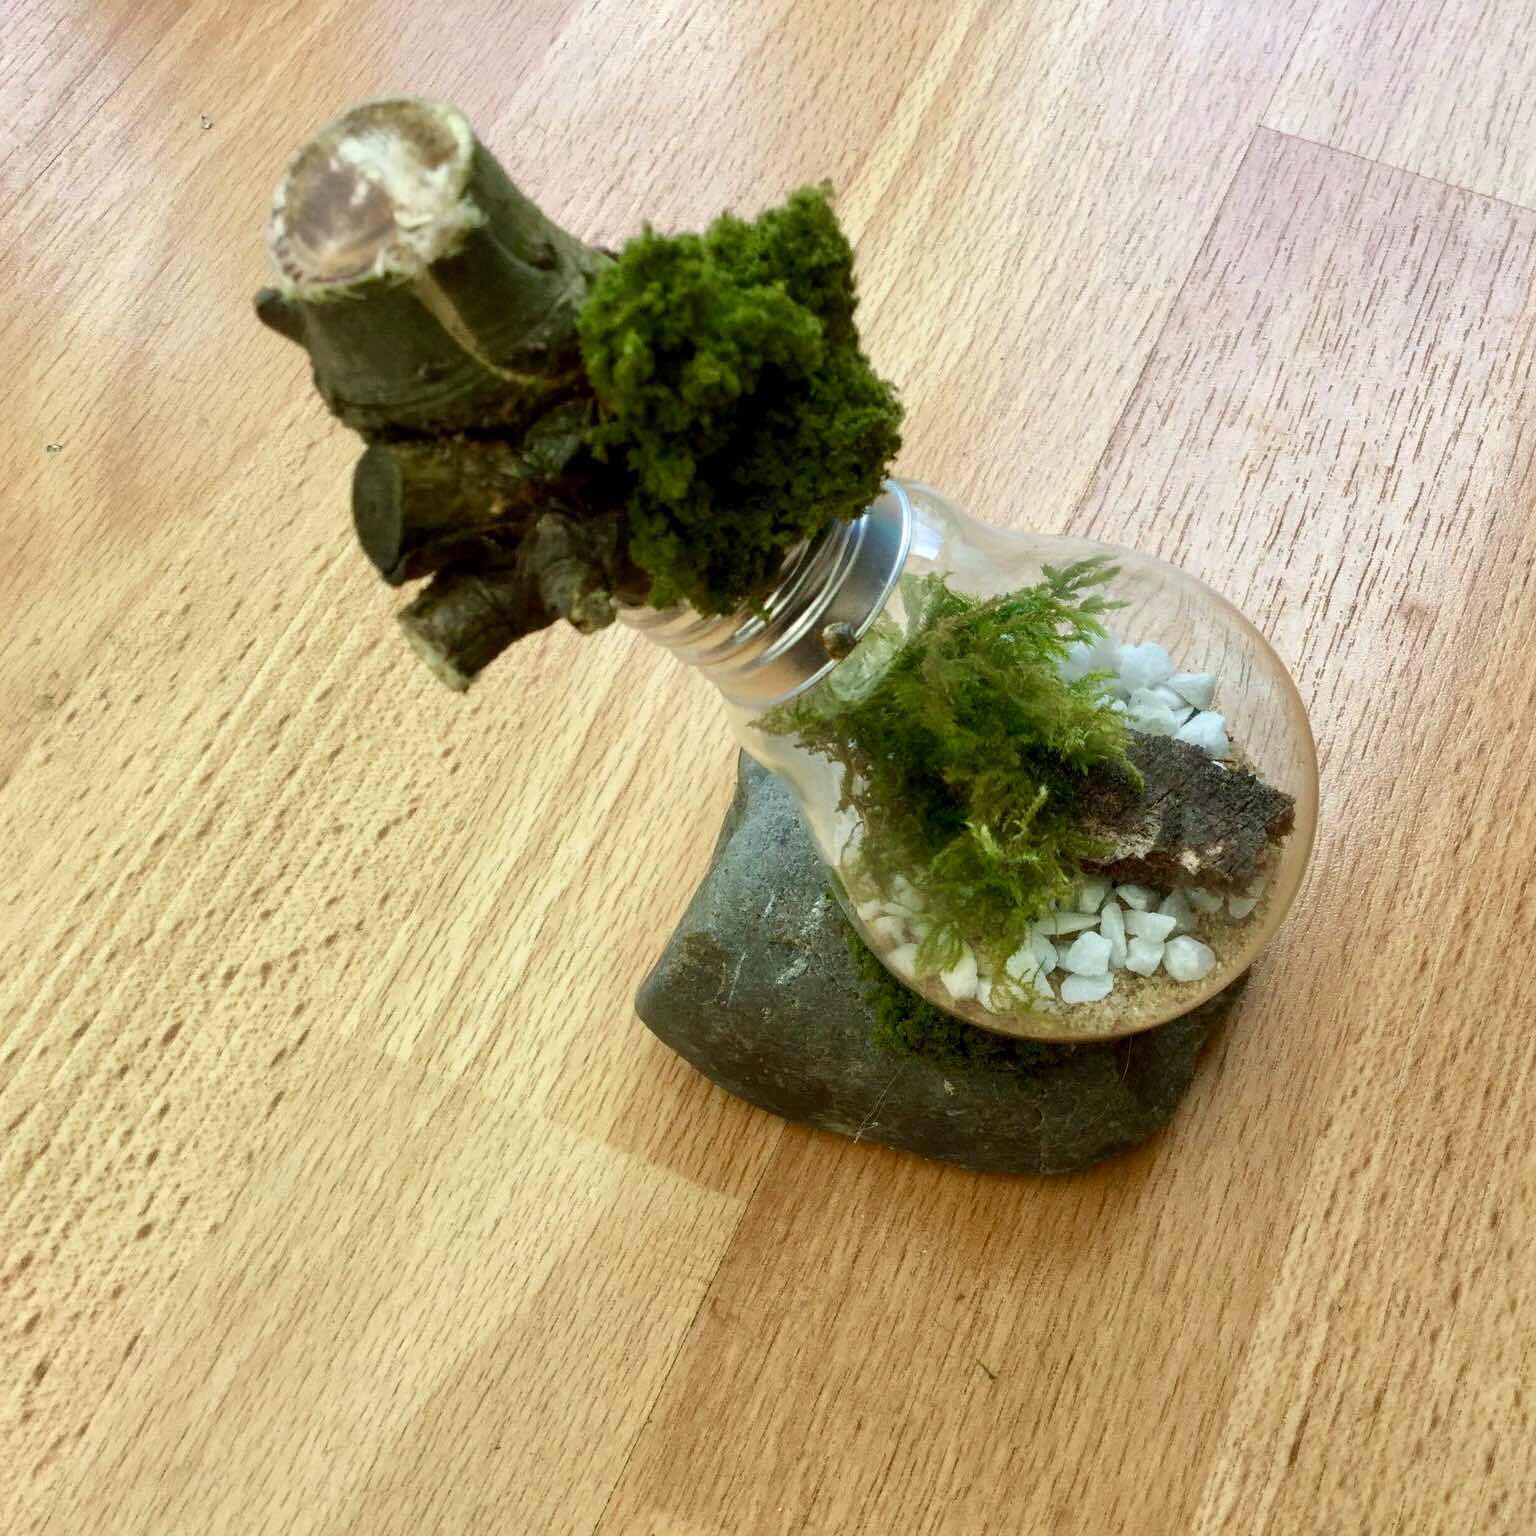 living garden in a lightbulb assemblage art